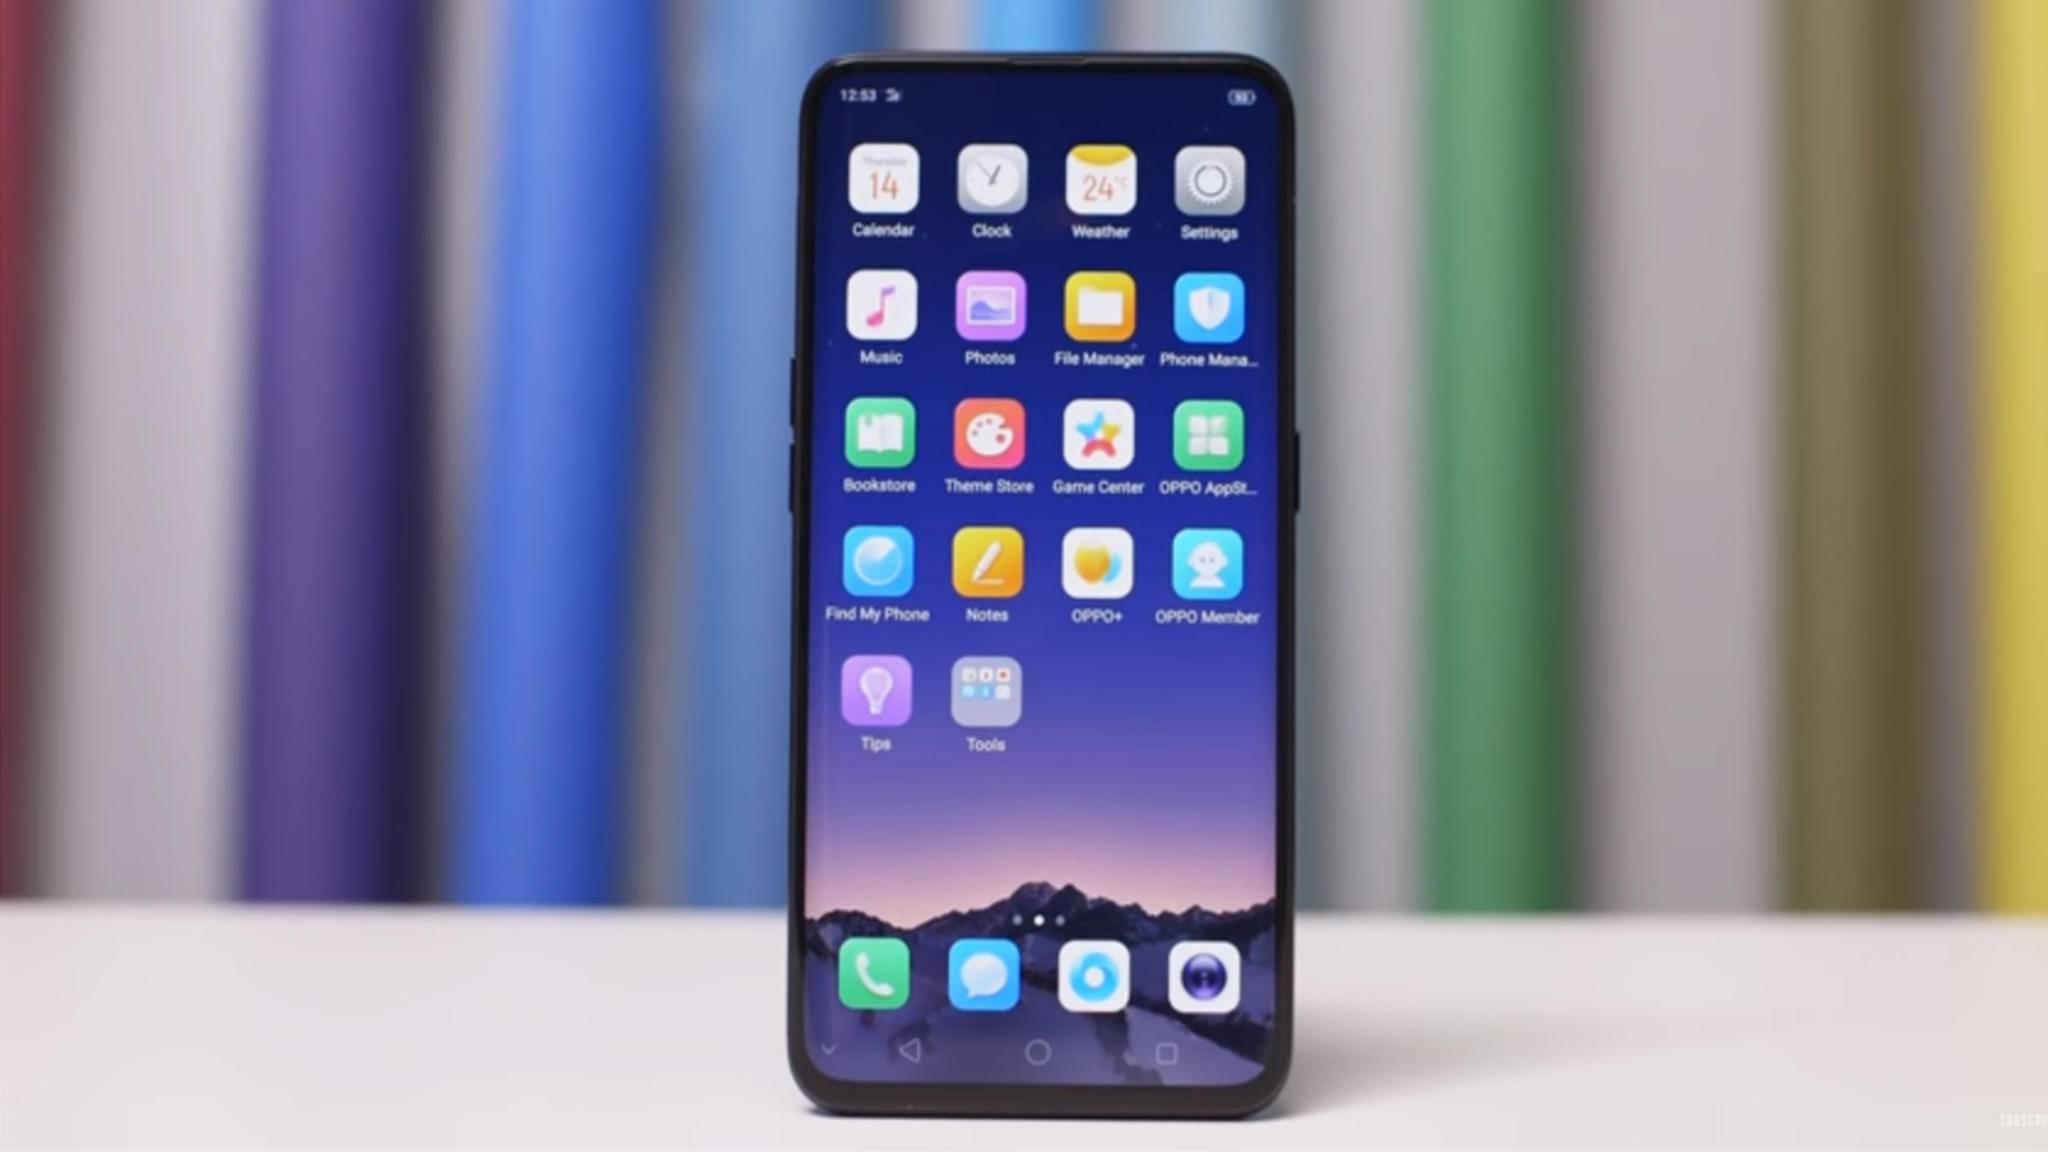 Das ist es: Das bislang randloseste Smartphone, das Oppo Find X.